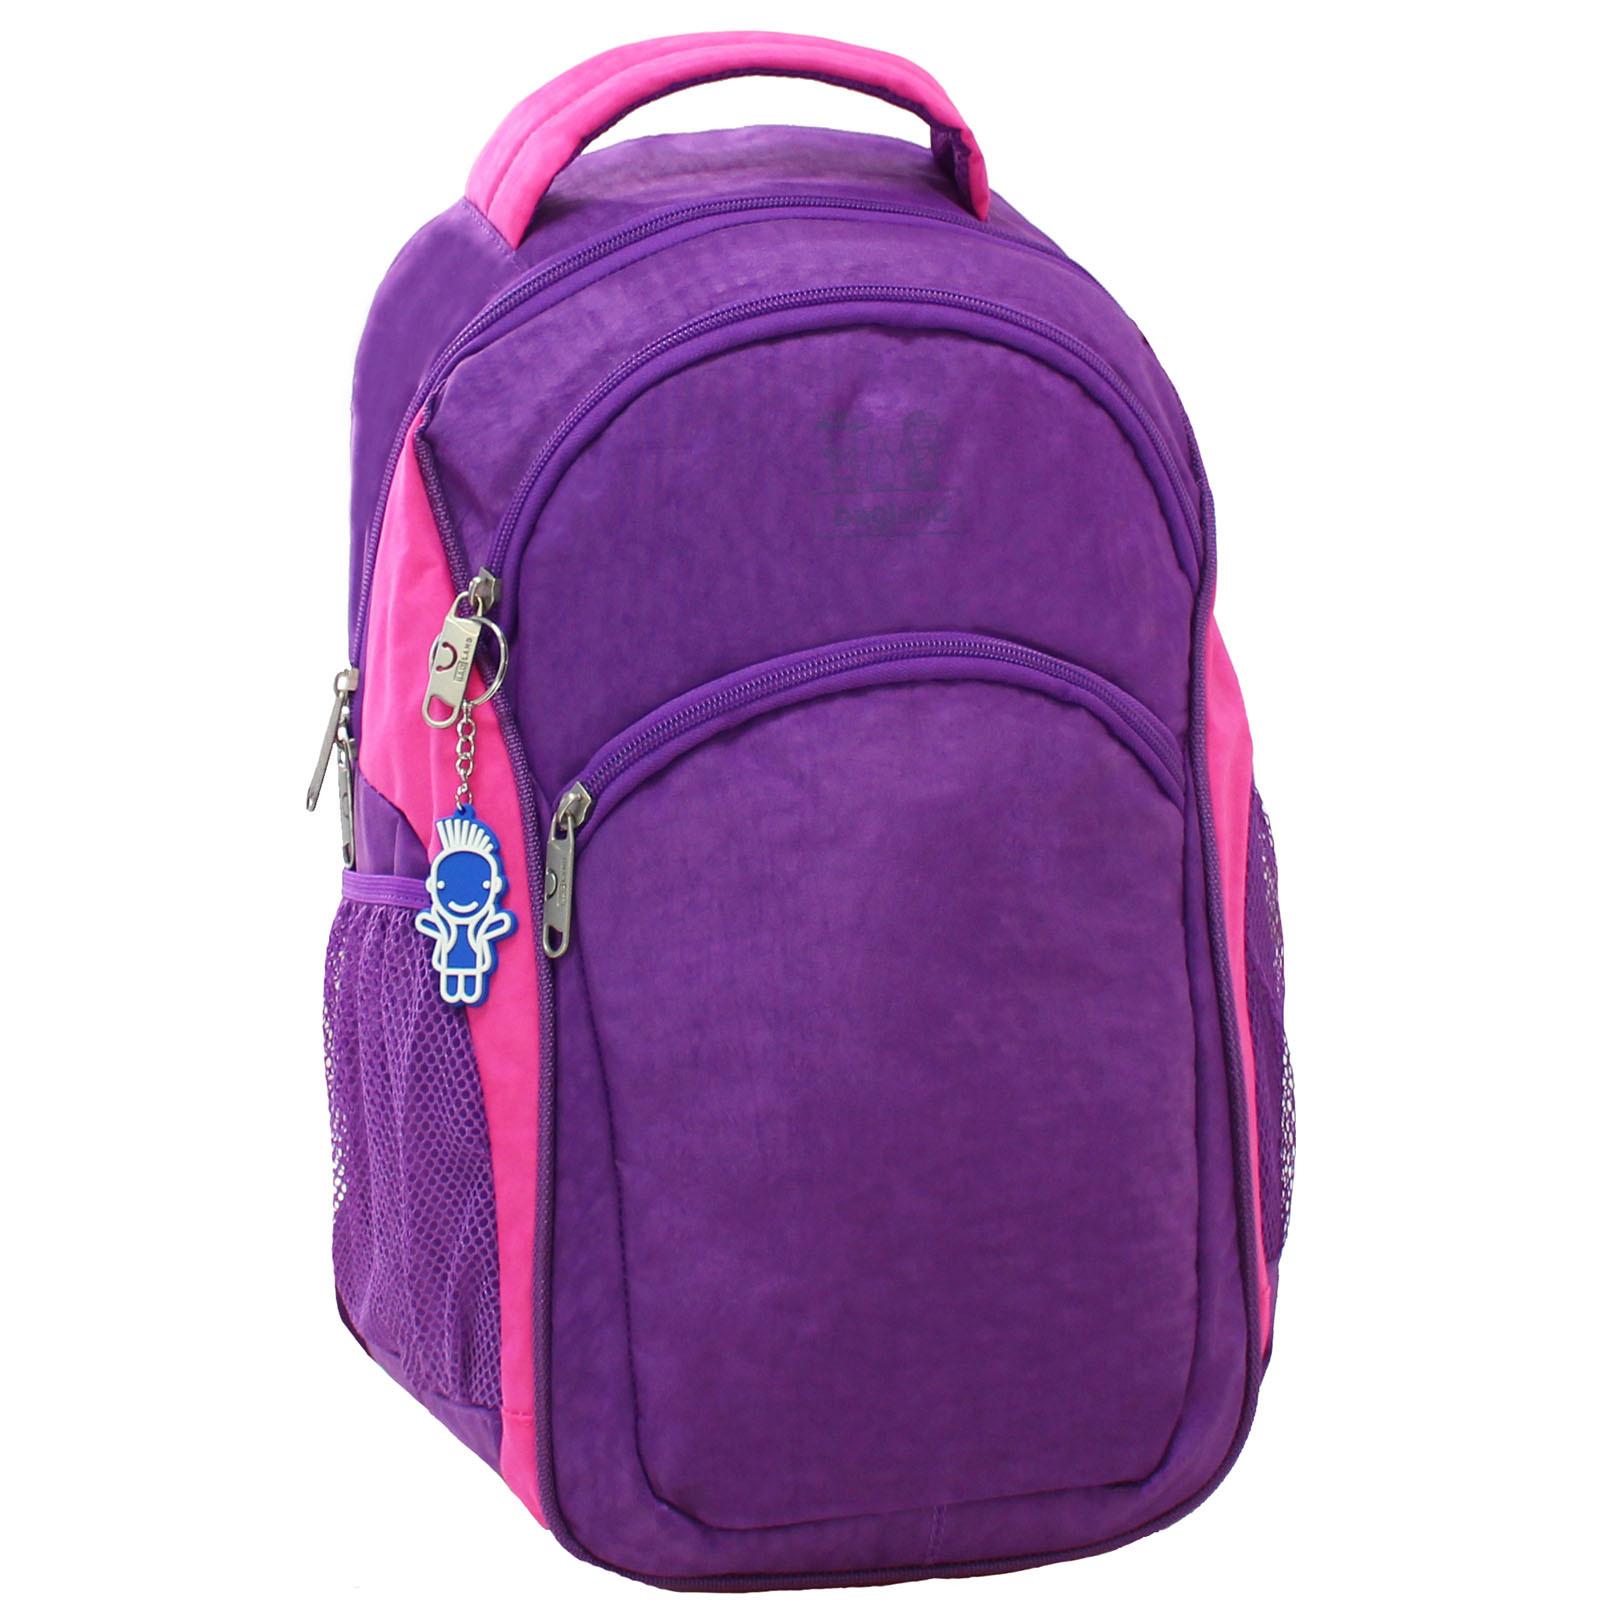 Рюкзак Bagland Лик 21 л. Фиолетовый/розовый (0055770) фото 1